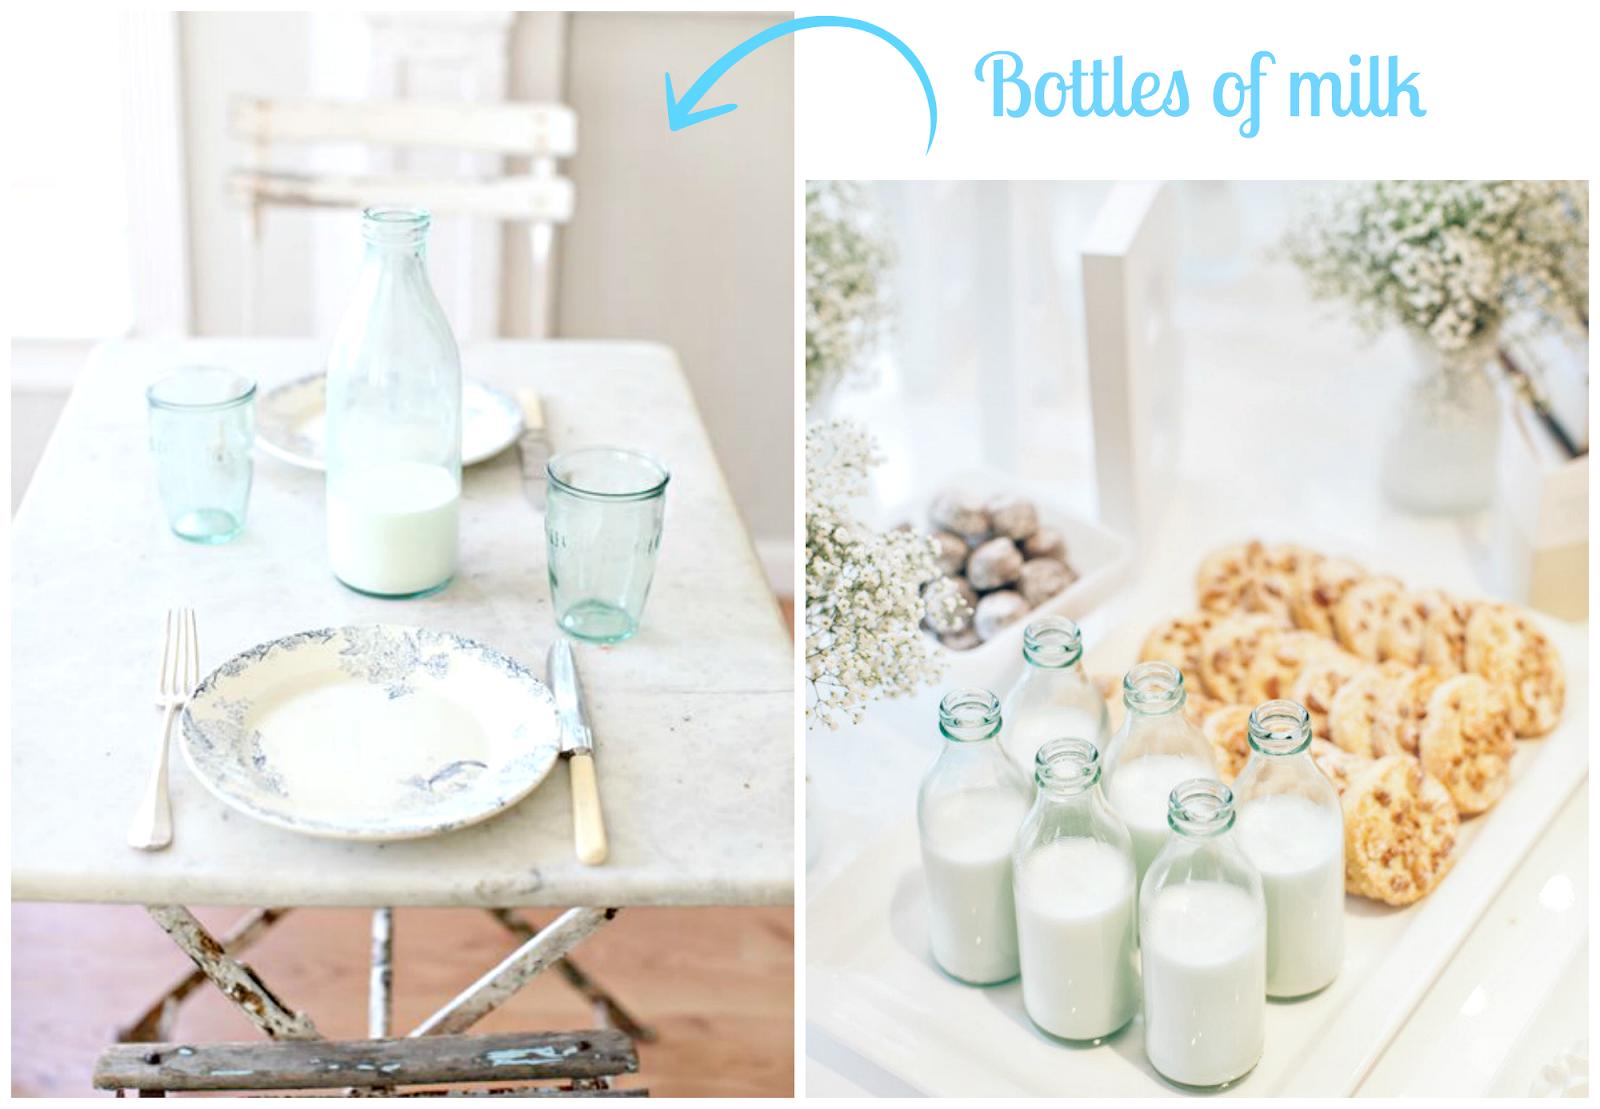 mleko w butelkach